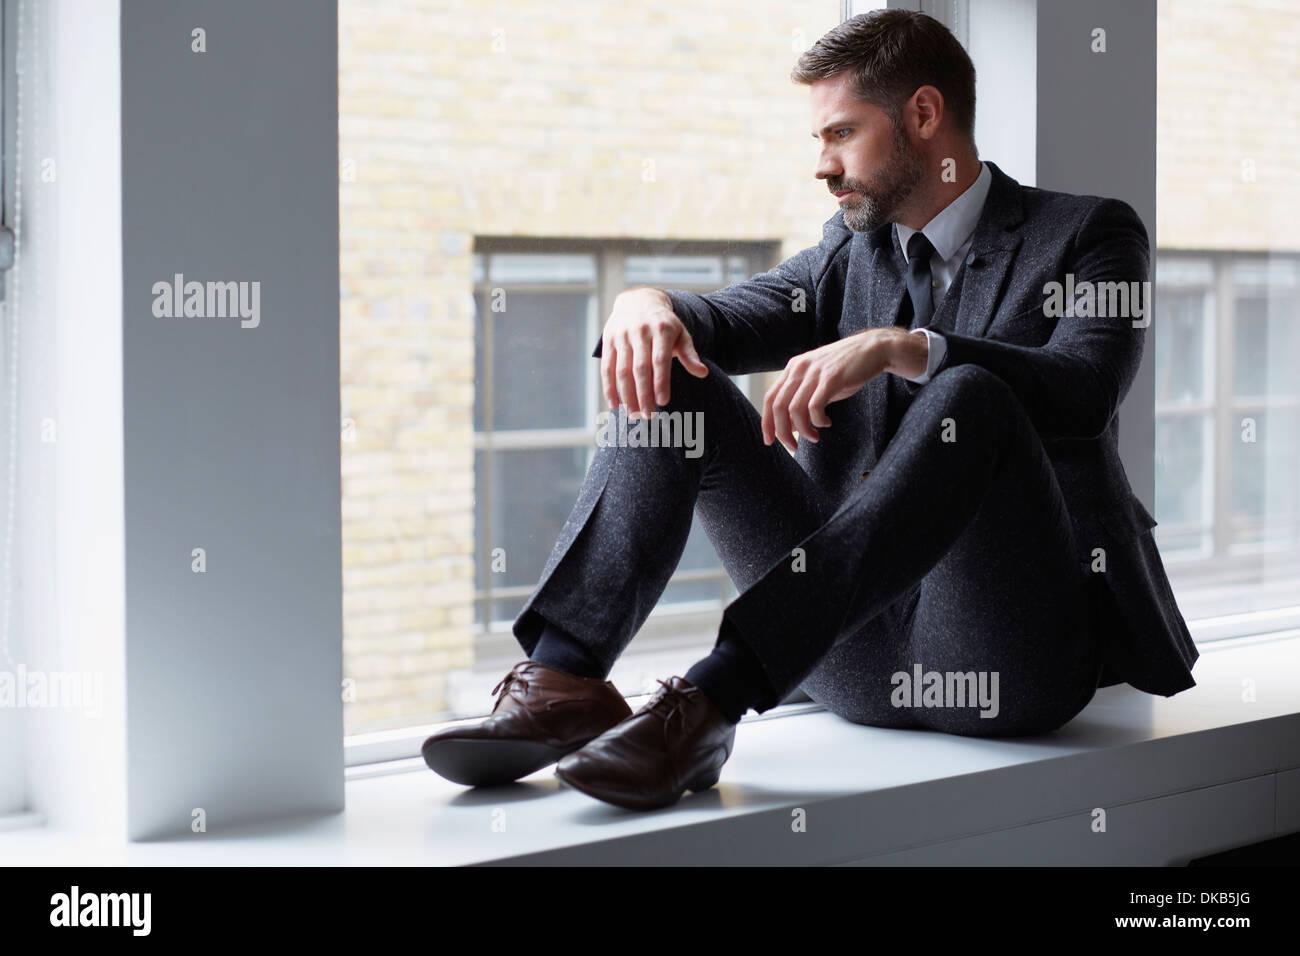 Retrato del hombre de negocios sentada sobre el alféizar mirando afuera de la ventana Imagen De Stock